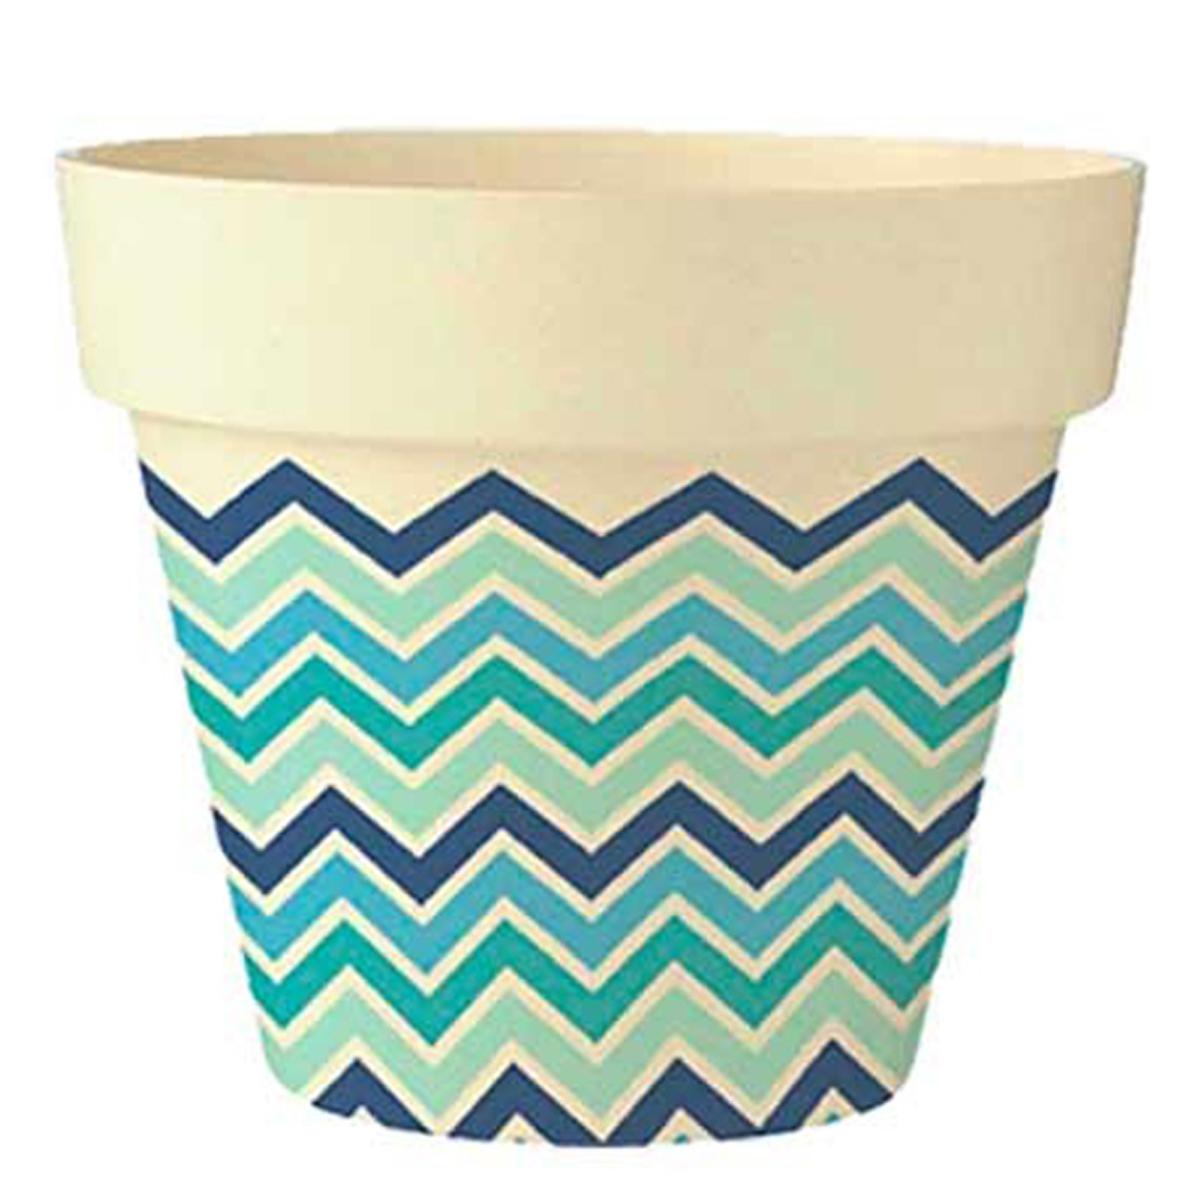 Cache-pot bambou \'Boho\' bleu vert beige -  17x18 cm - [Q6389]